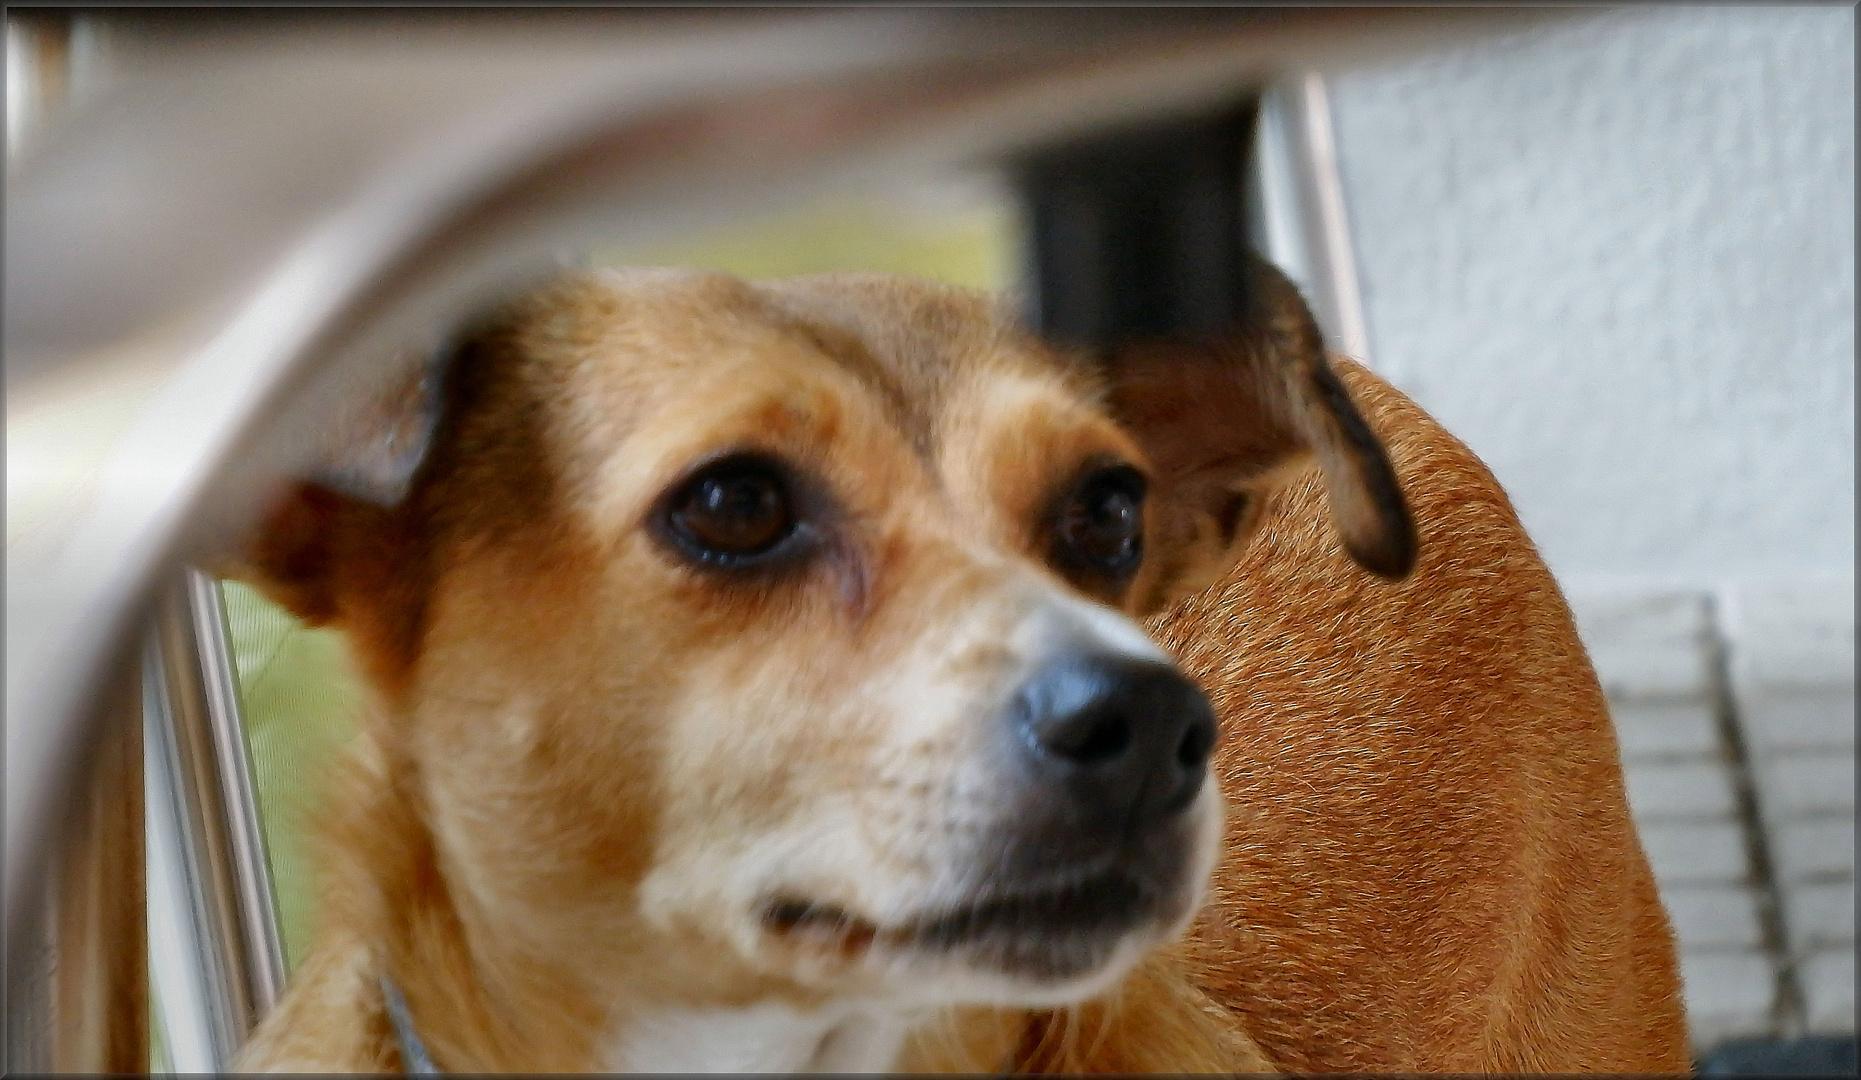 La cagnolina che aveva paura della fotocamera